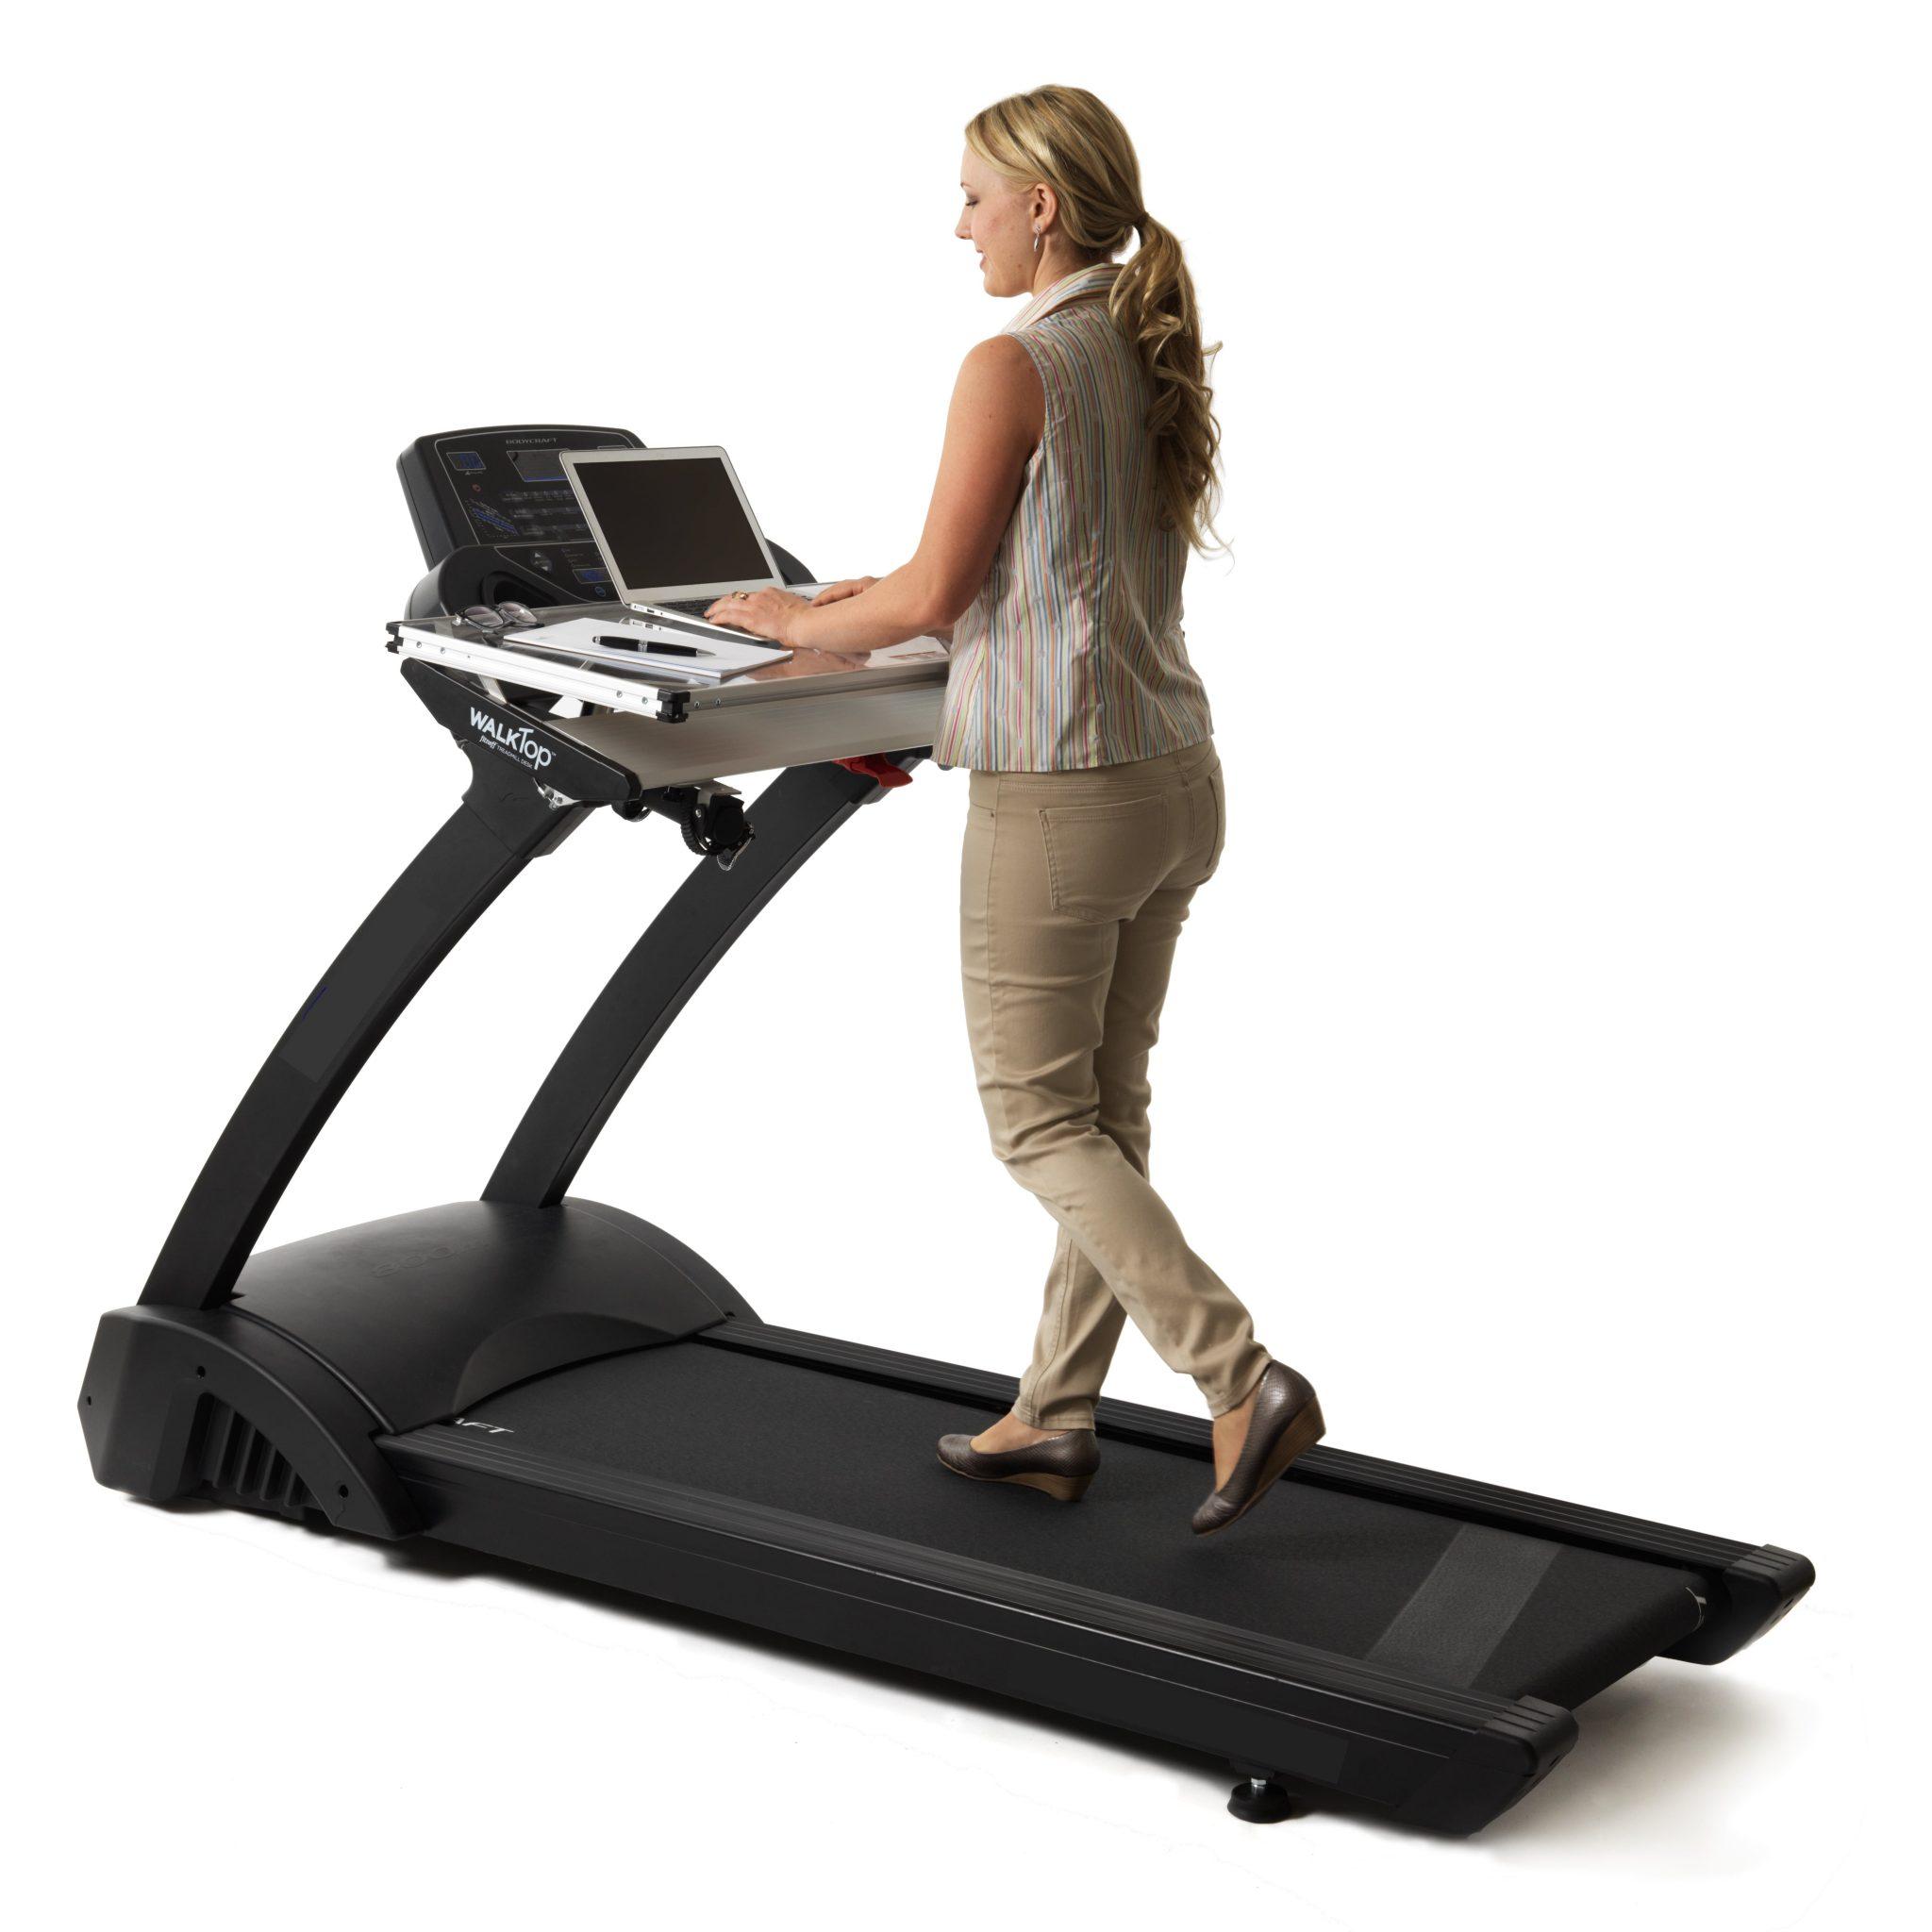 Treadmill Desk Hire Brisbane: WalkTop-on-Treadmill-21COMPRESSED TO 1MB